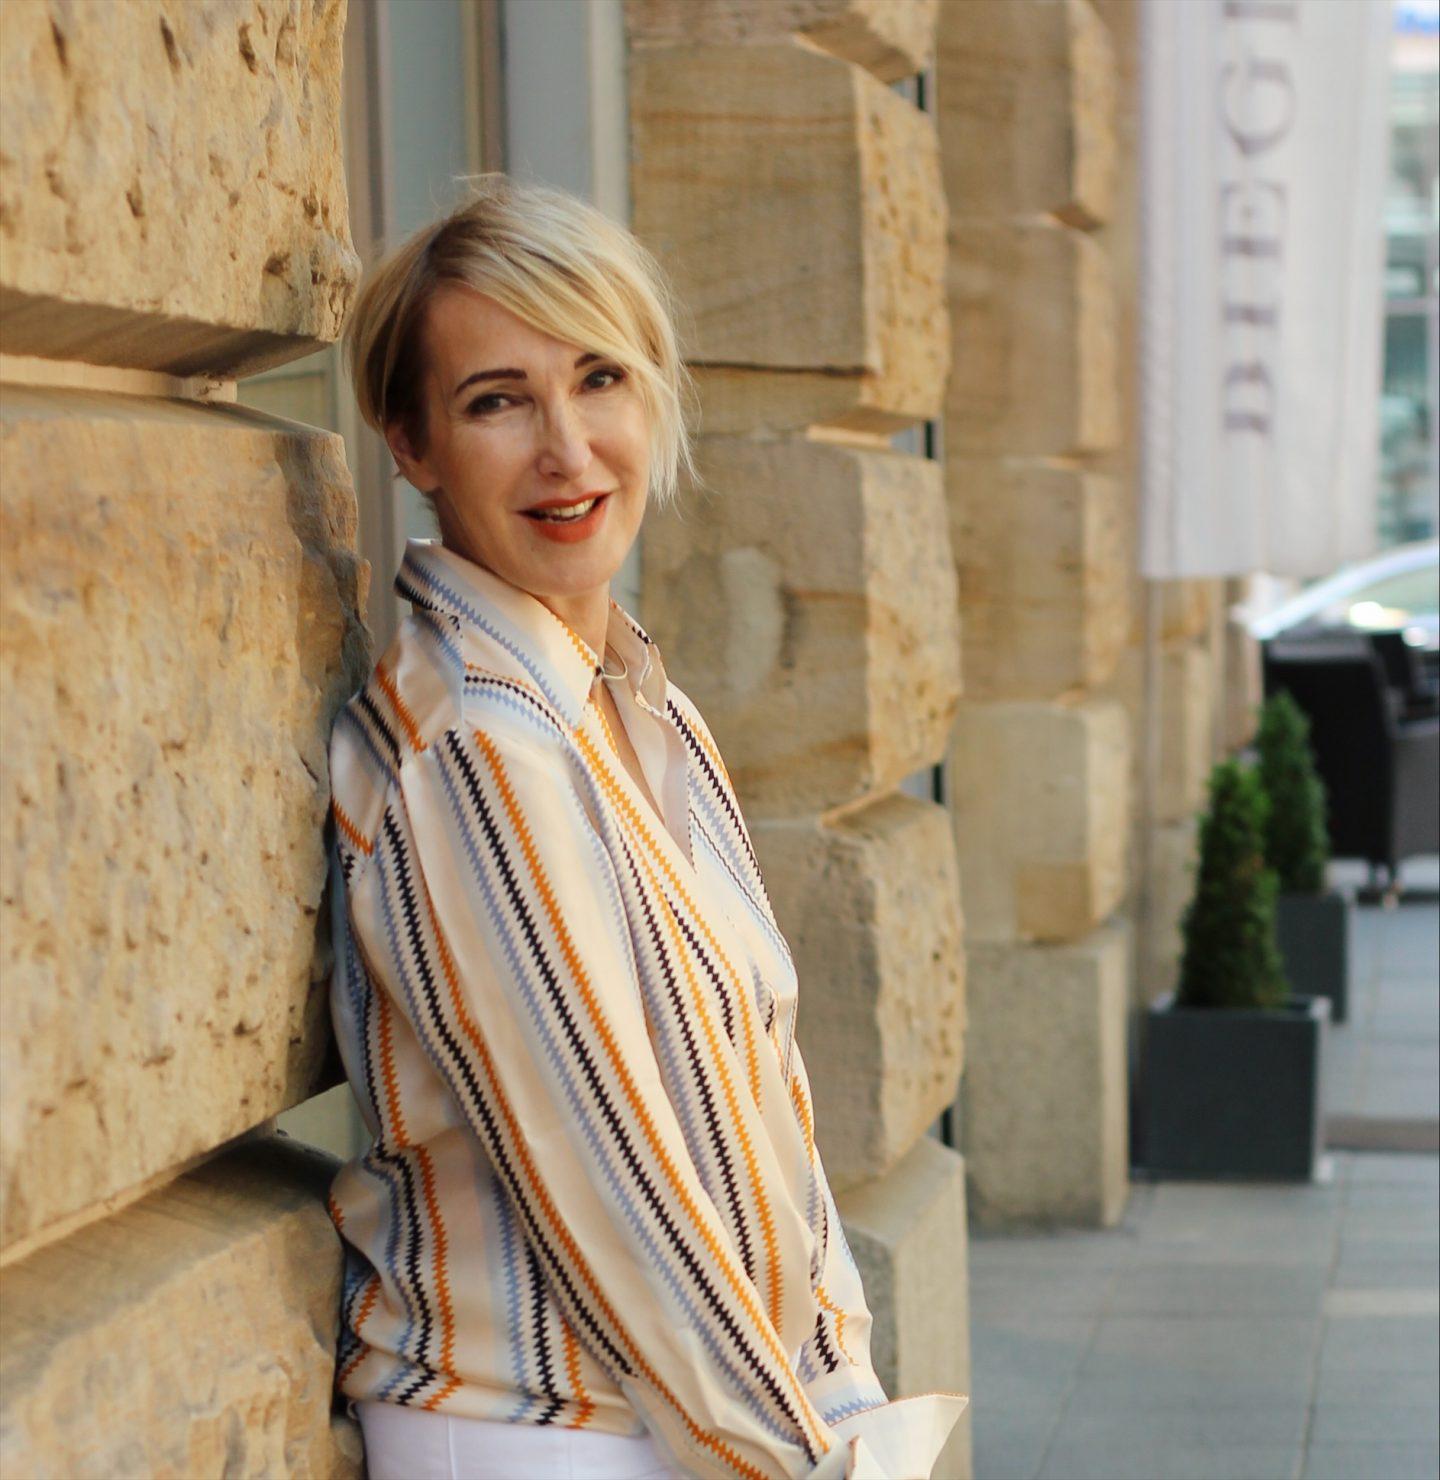 glamupyourlifestyle augenbrauen permanent-make-up erfahrungstest 3d-Augenbrauen ü-40-blog